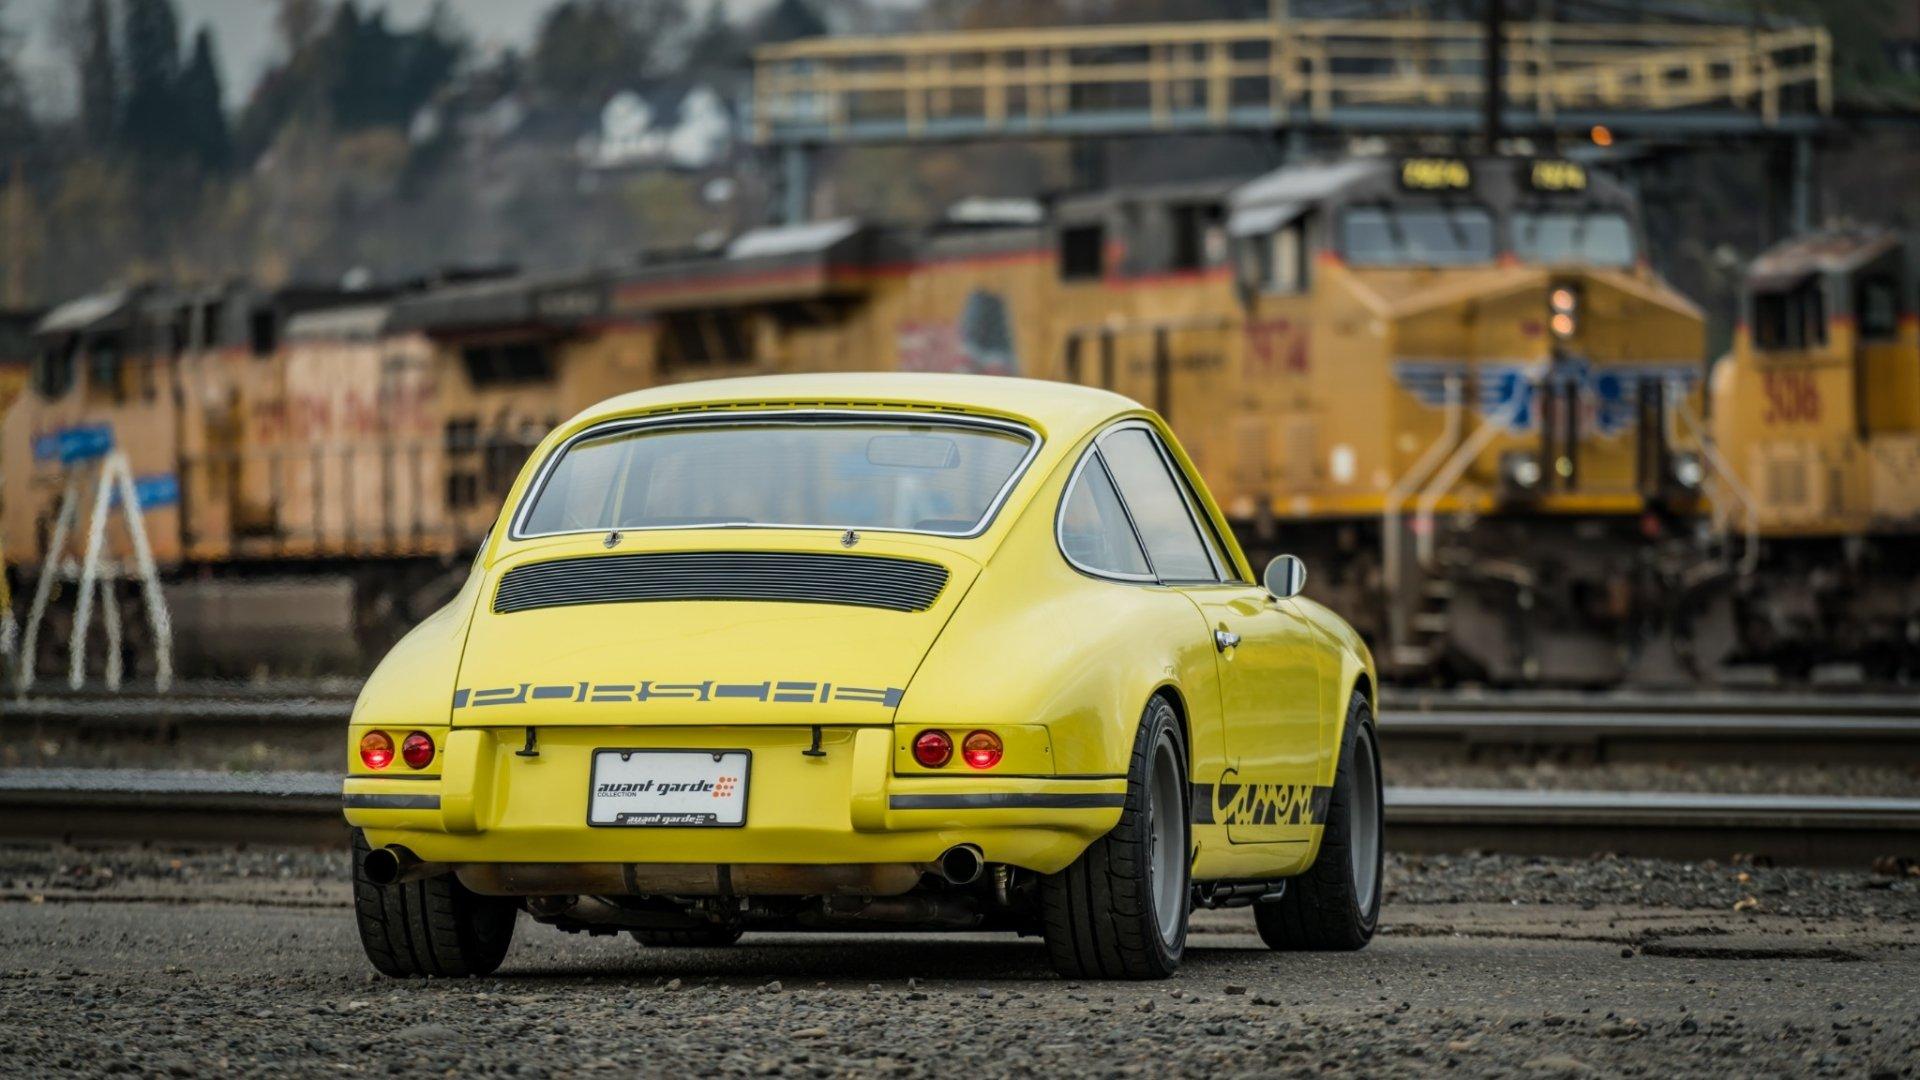 Vehicles - Porsche 911 Carrera T  Sport Car Yellow Car Old Car Car Train Wallpaper